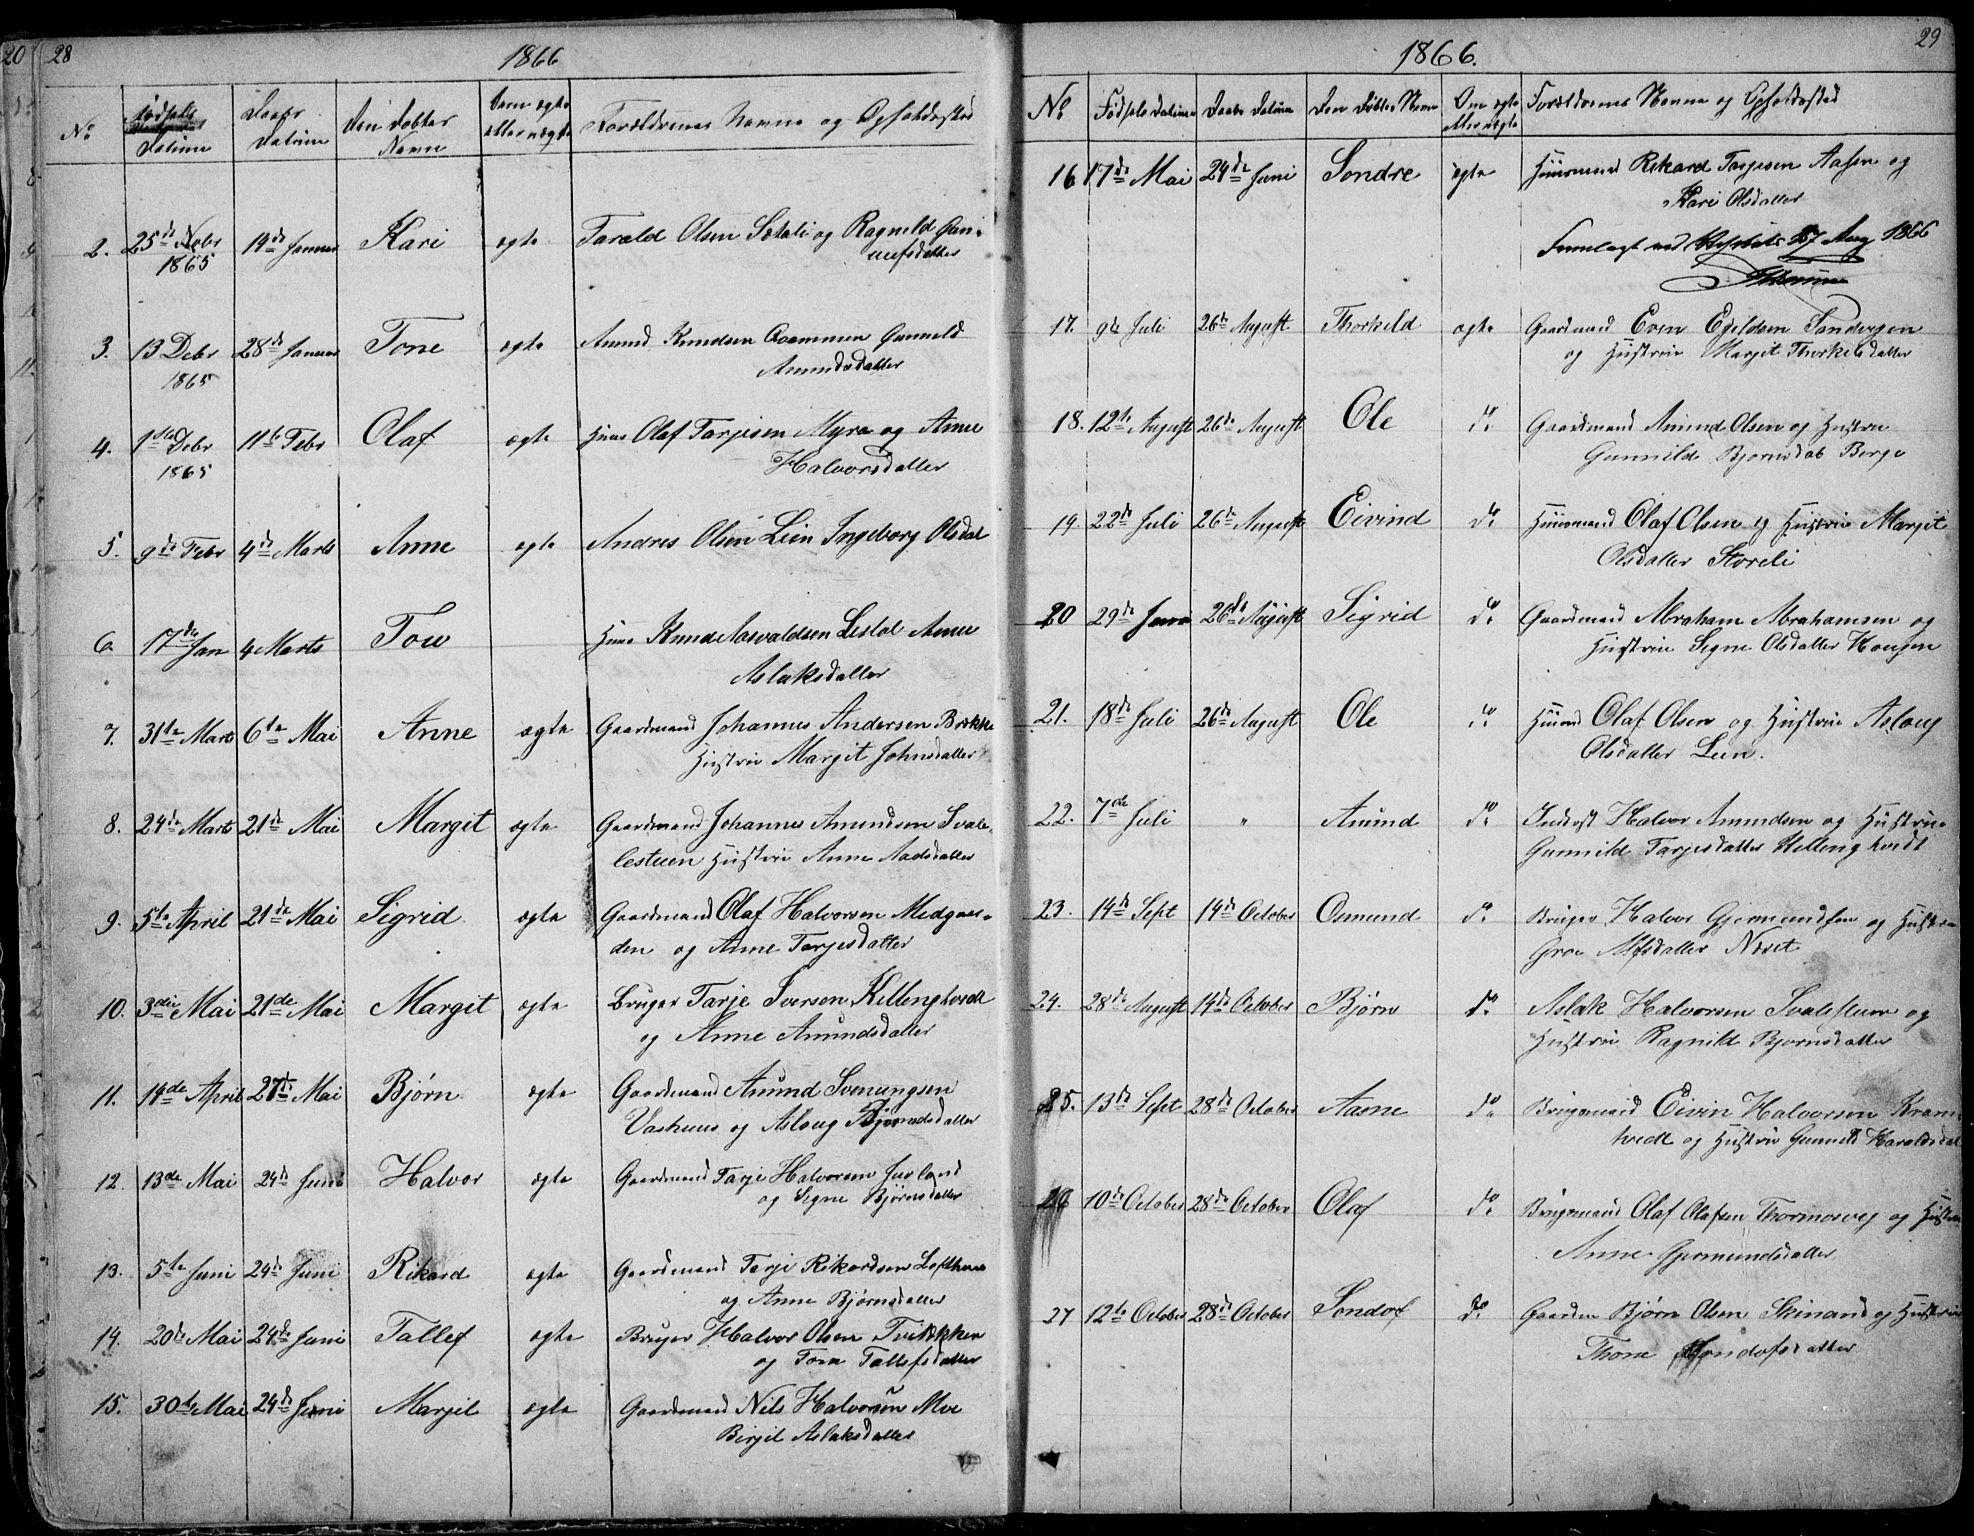 SAKO, Rauland kirkebøker, G/Ga/L0002: Klokkerbok nr. I 2, 1849-1935, s. 28-29